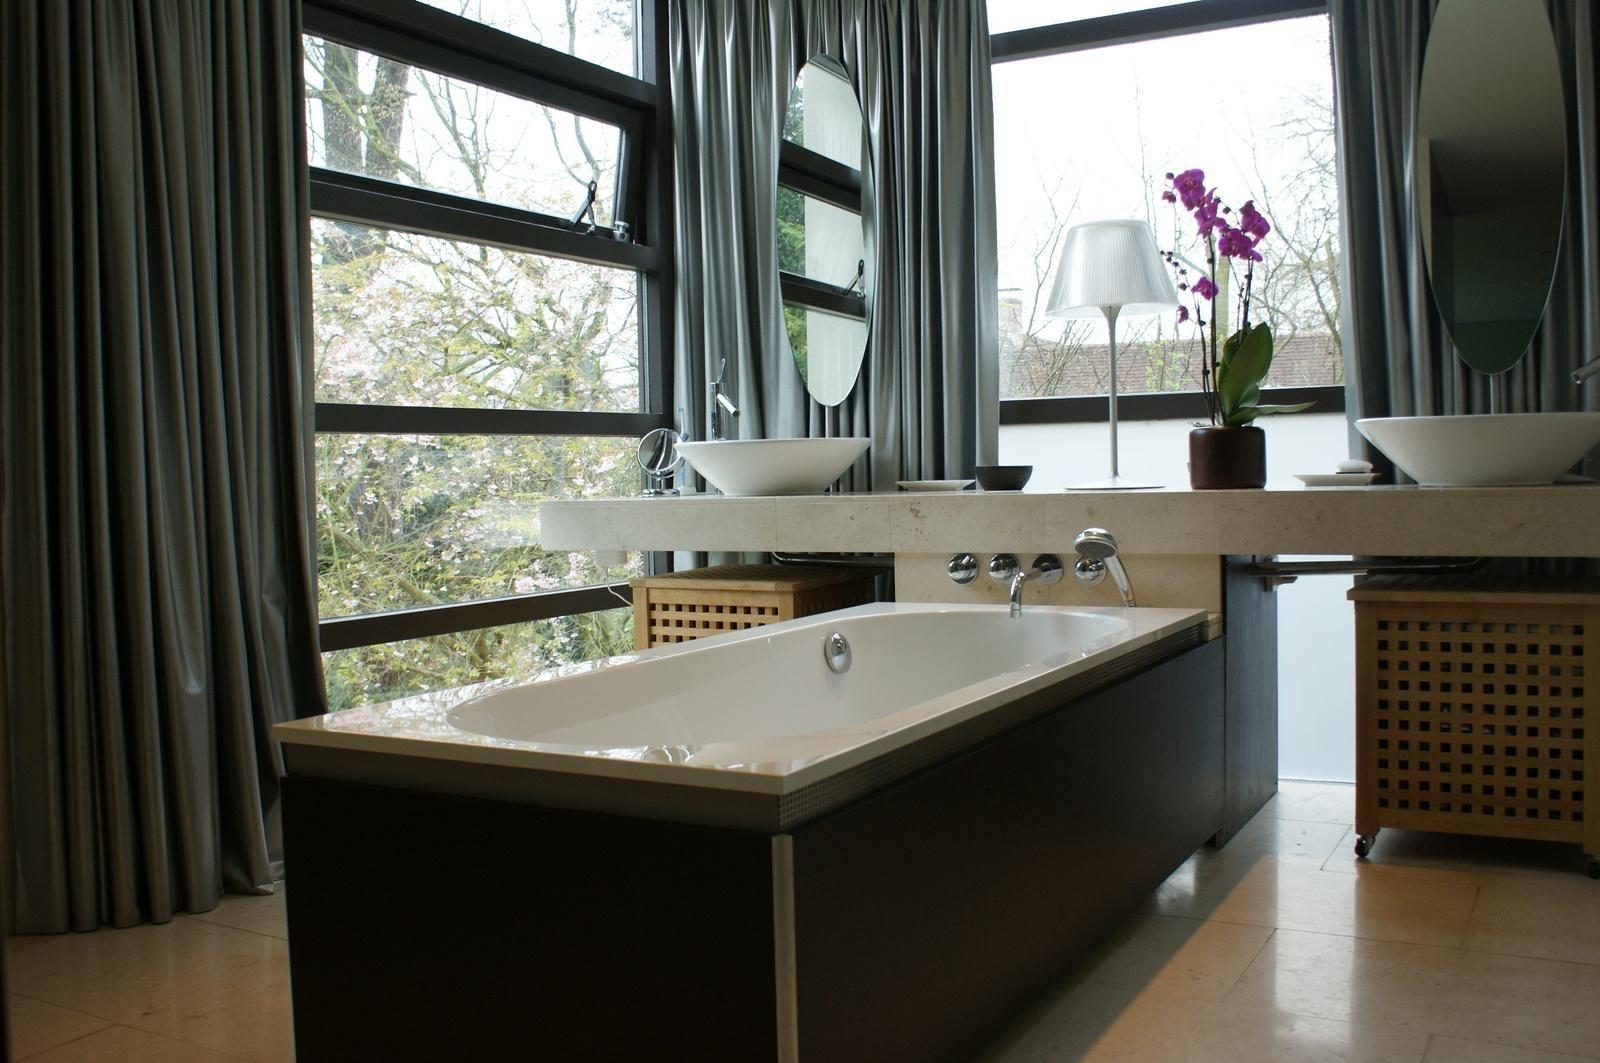 Moderne badkamer met ligbad moodboard badkamers pinterest badkamer badkamers en met - Moderne badkamer met ligbad ...